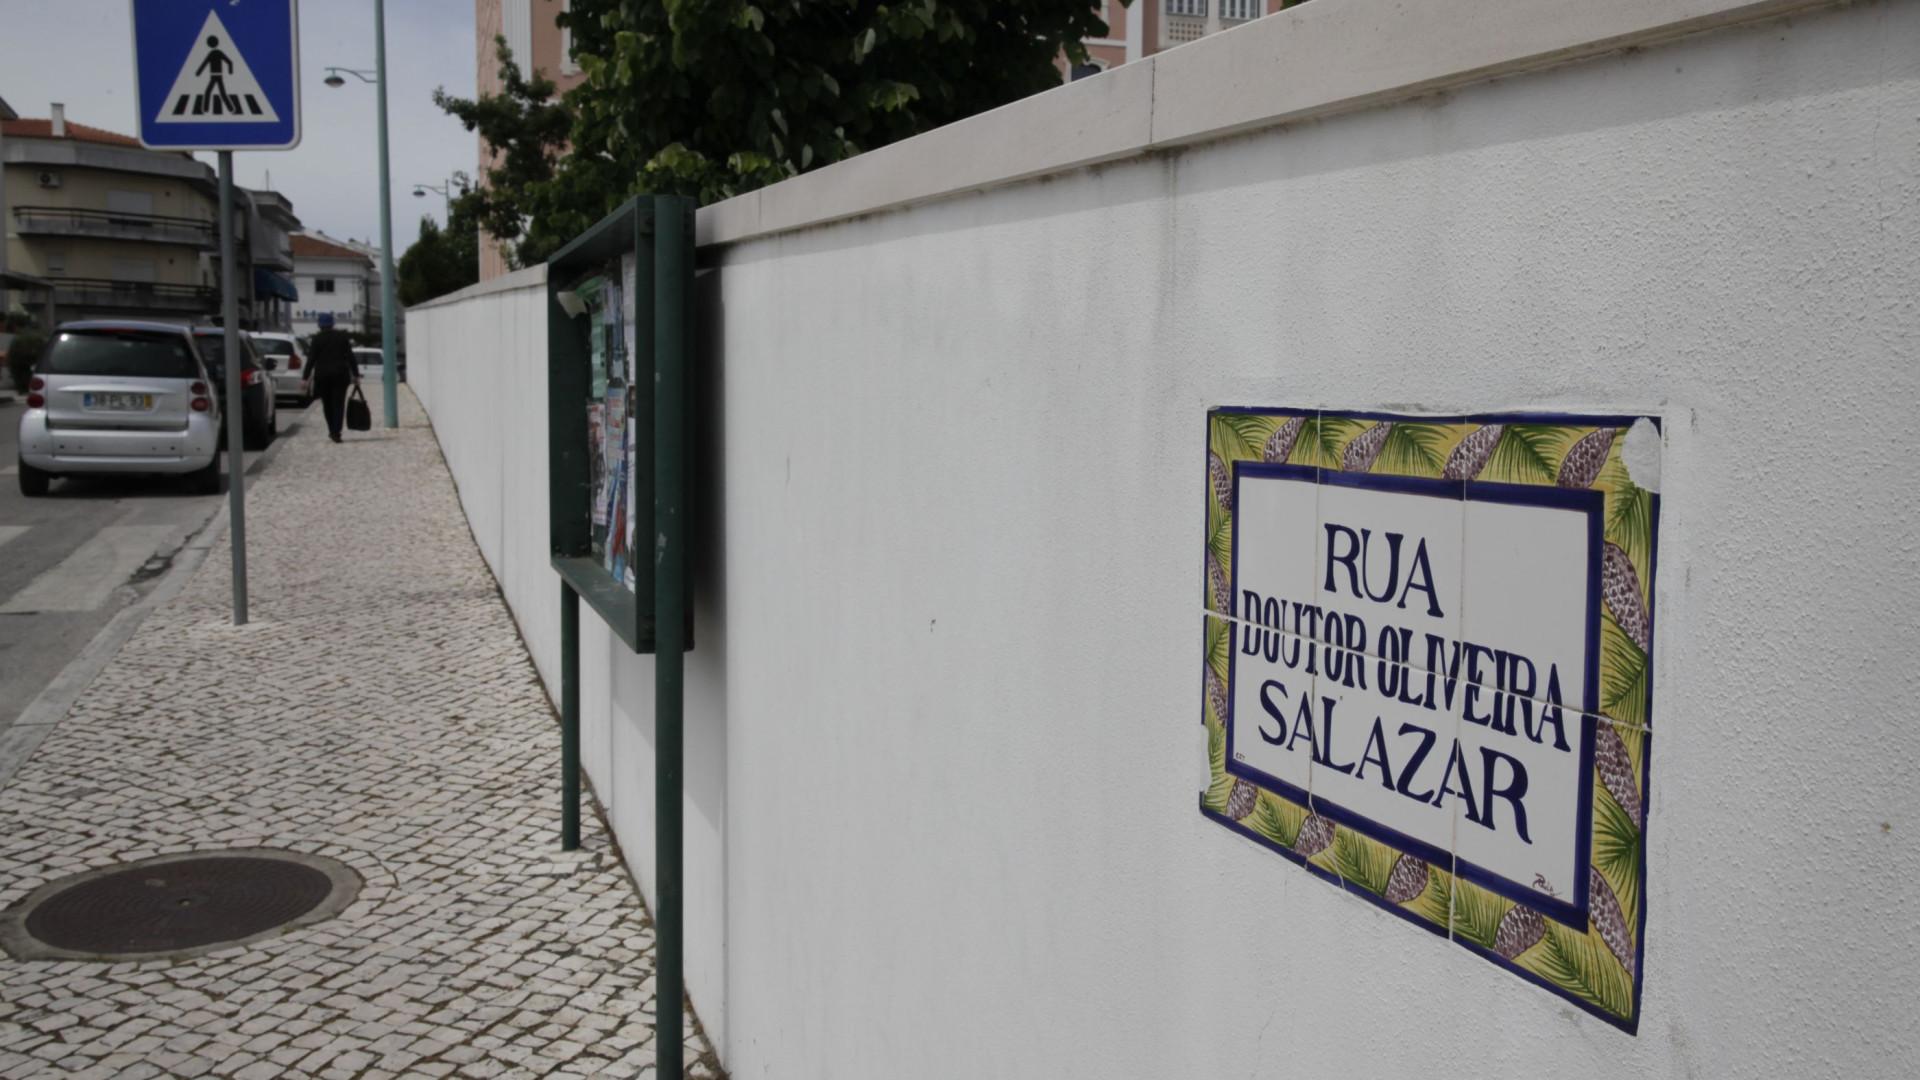 Figuras da ditadura (ainda) dão nome a várias ruas. Salazar são 15